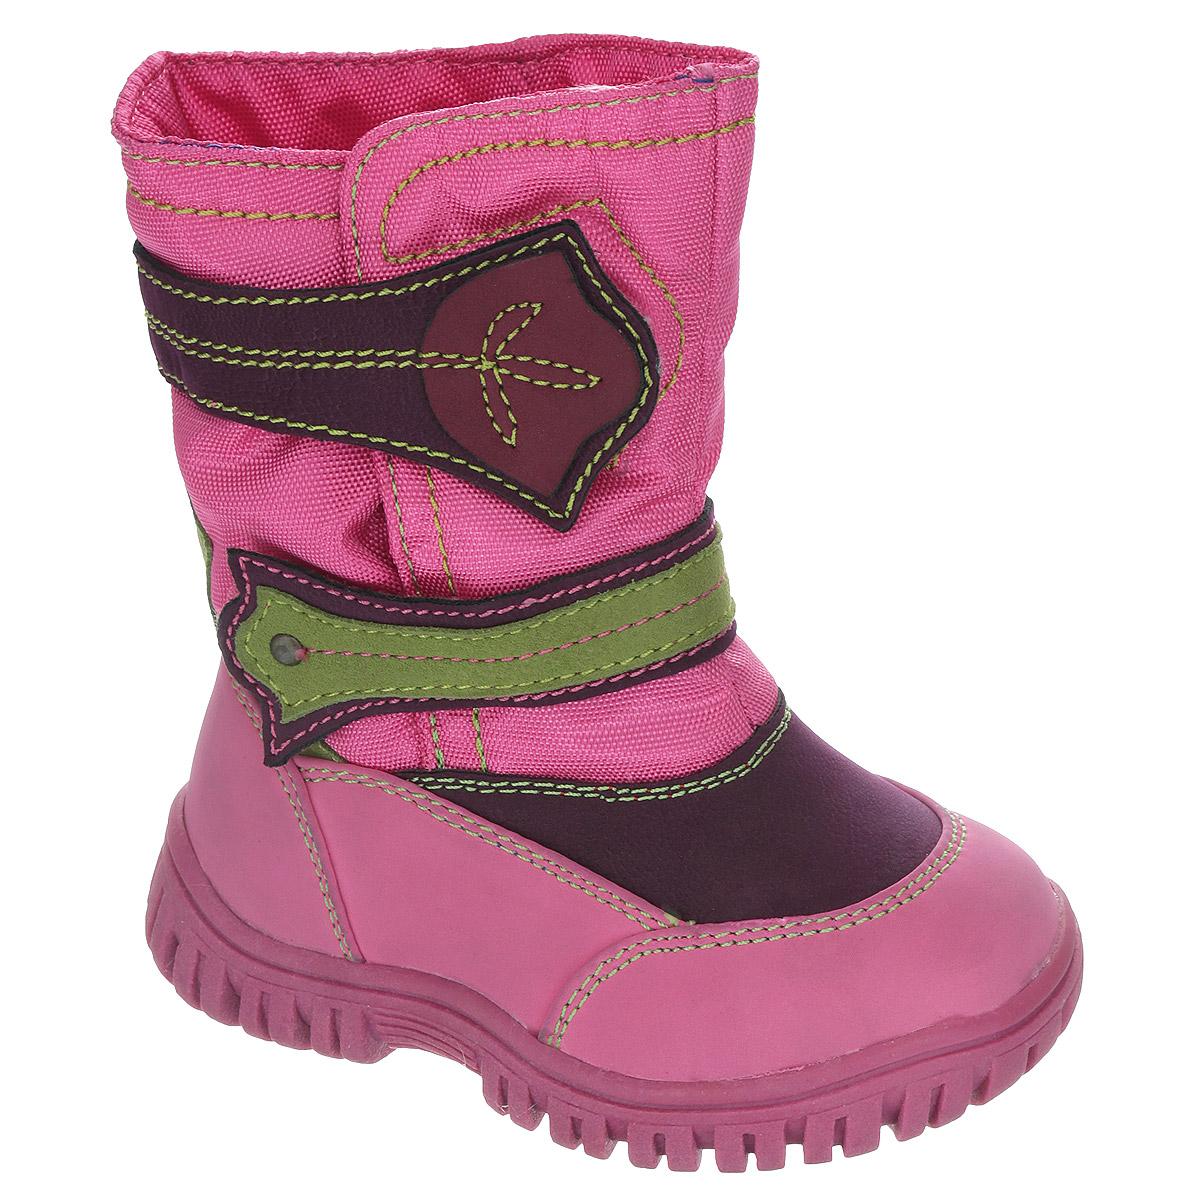 Сапоги для девочки. 13-38313-383Замечательные сапоги для девочки Аллигаша, изготовленные из современных материалов, обеспечат удобство и комфорт ножкам вашей малышки в прохладную погоду. Верх выполнен из комбинаций искусственной кожи (нубука) и текстиля с пропиткой от промокания, а также оформлен текстильными ставками и контрастной прострочкой. Модель на высокой рифленой подошве с округлым мыском обеспечивает удобство и практичность на каждый день. Удобная пяточная часть укреплена. Внутренняя отделка из текстиля и шерсти. Две застежки-липучки оригинального дизайна по линии подъема обеспечивают практичность и комфортную фиксацию модели на ноге. Стелька из натуральной шерсти не даст ножке замерзнуть. Прорезиненная подошва с протектором обеспечивает удобство и комфорт в носке при любой погоде. В таких сапожках ножкам вашего ребенка всегда будет комфортно, уютно и тепло!